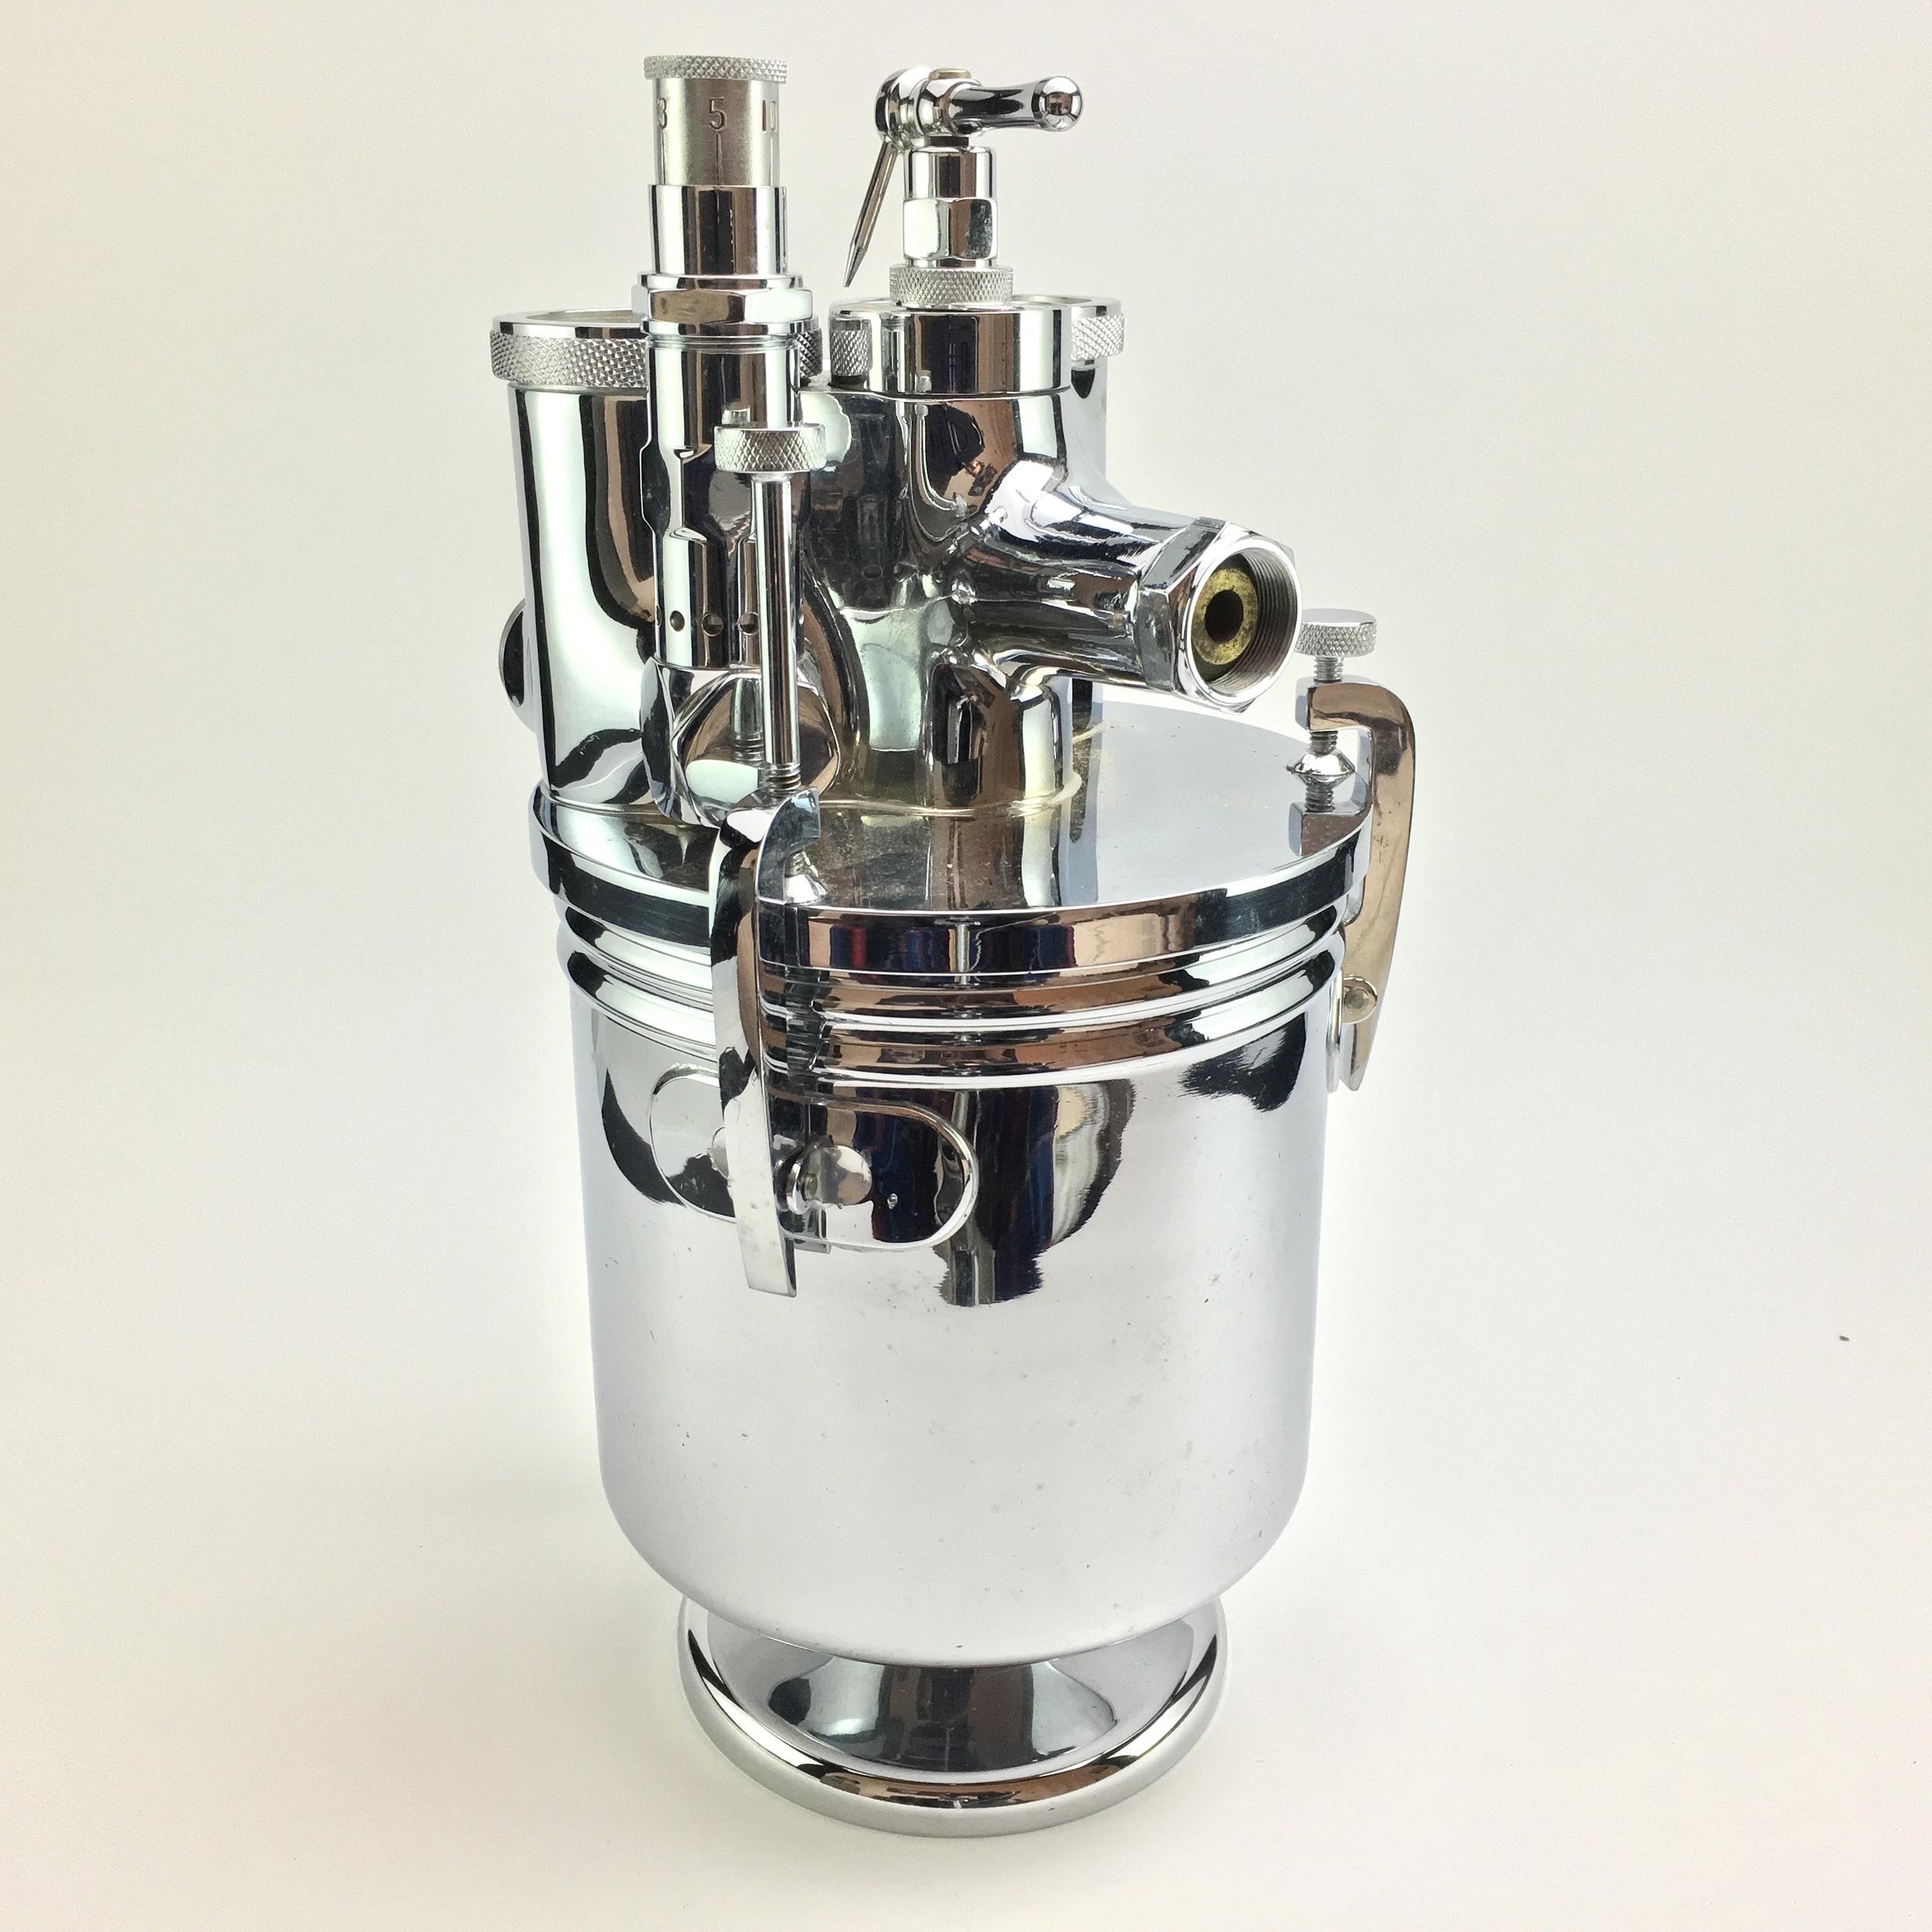 anaesthesia-apparatus-vintage-main.jpg